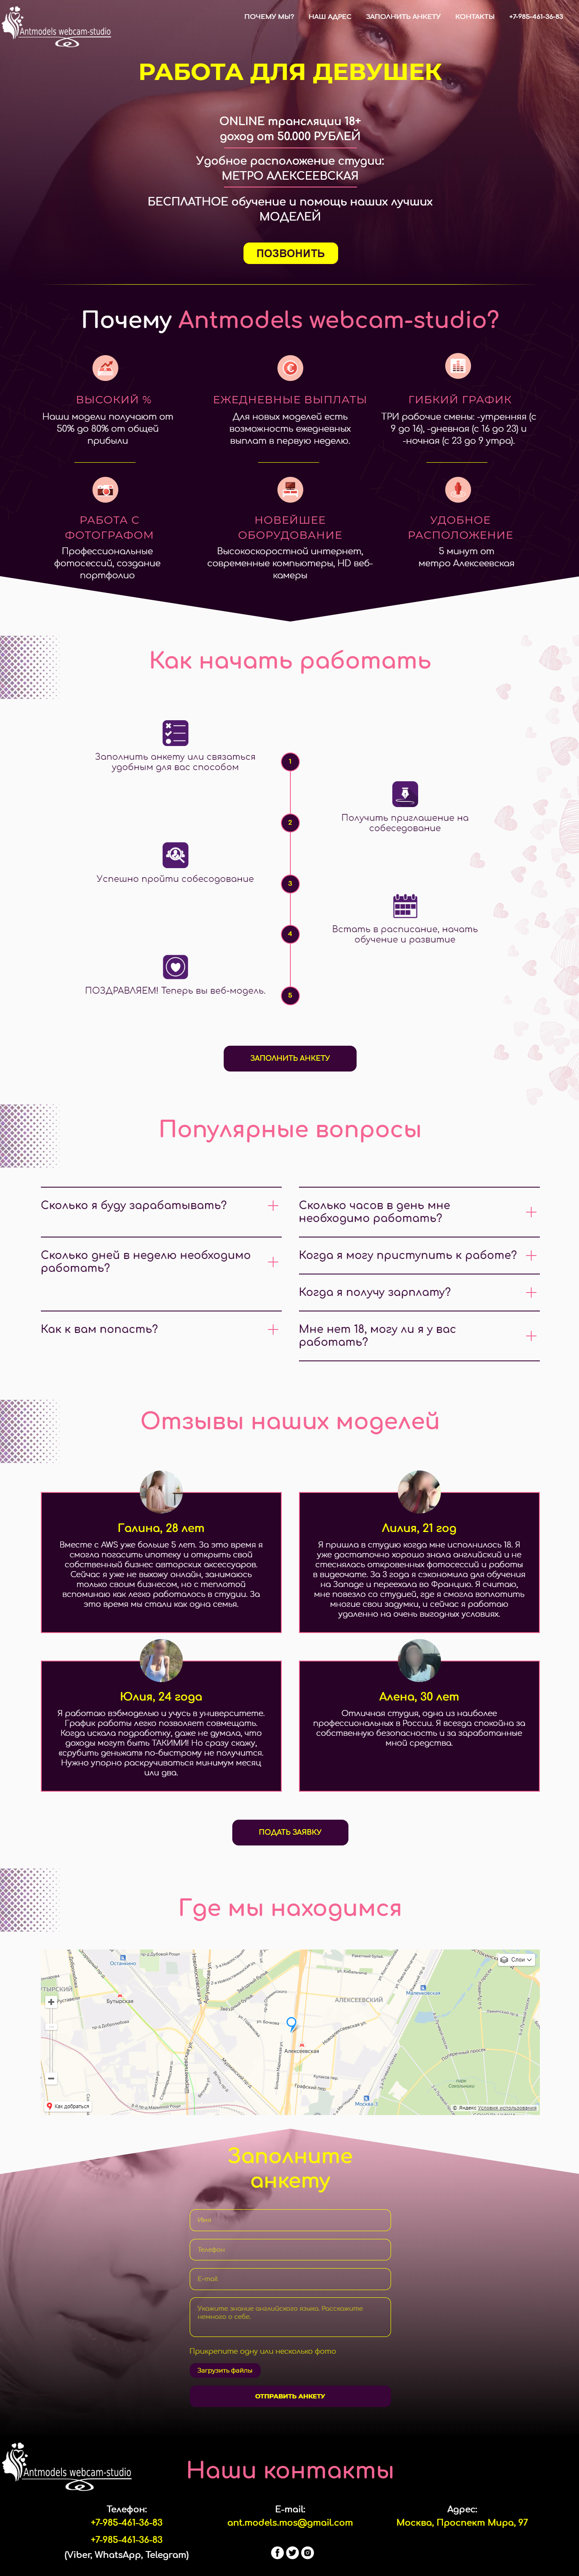 Сайт для WebCam студии